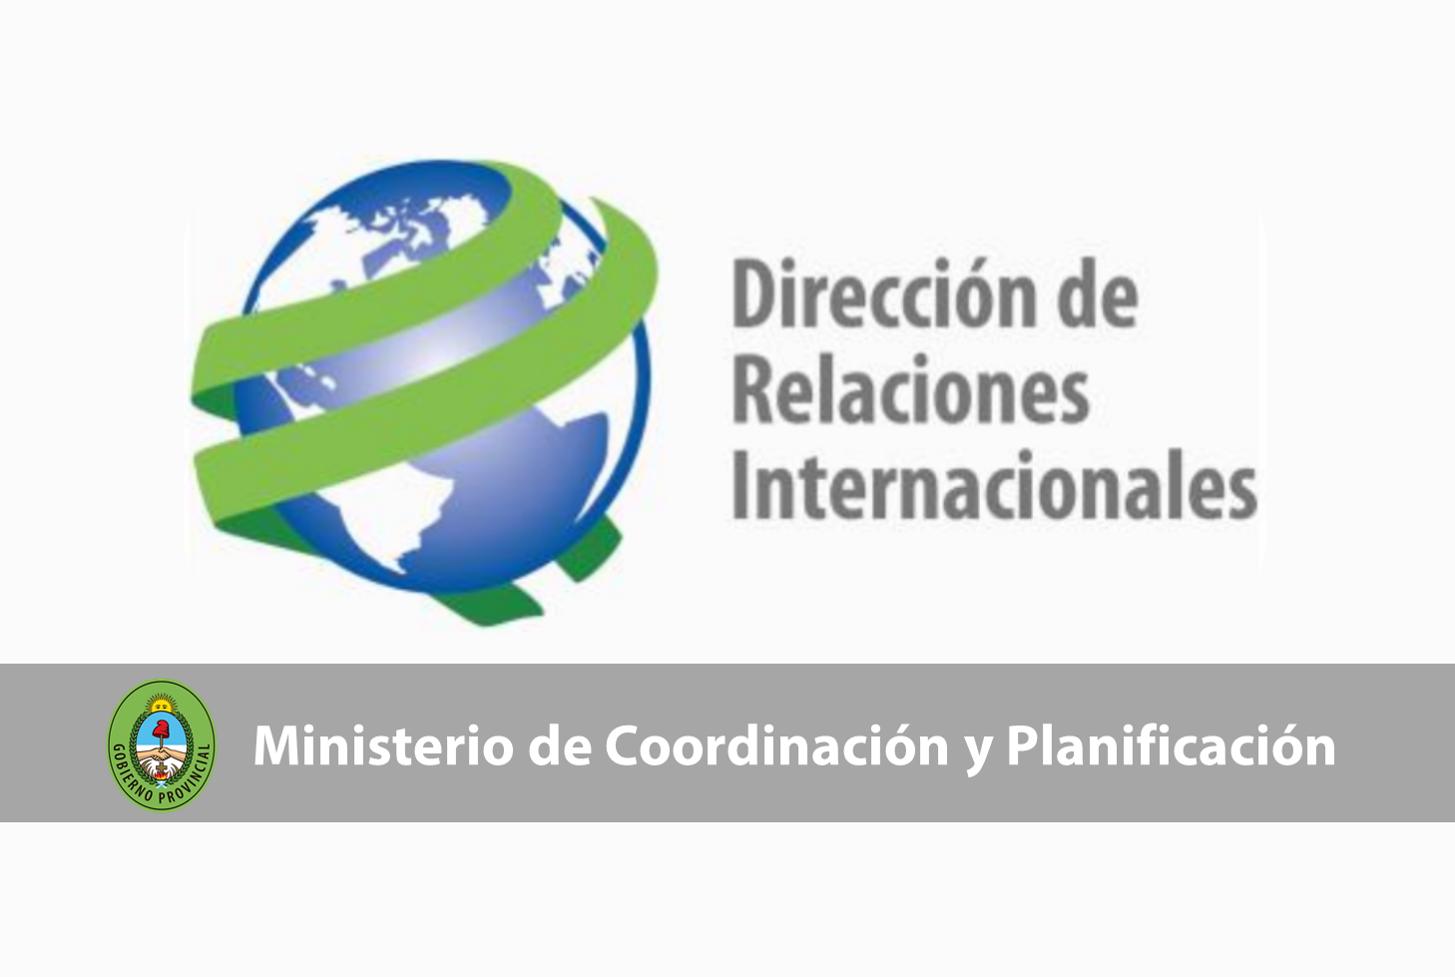 JAPÓN: Programa de Co-Creación de Conocimientos (KCCP) 2020 / 2021